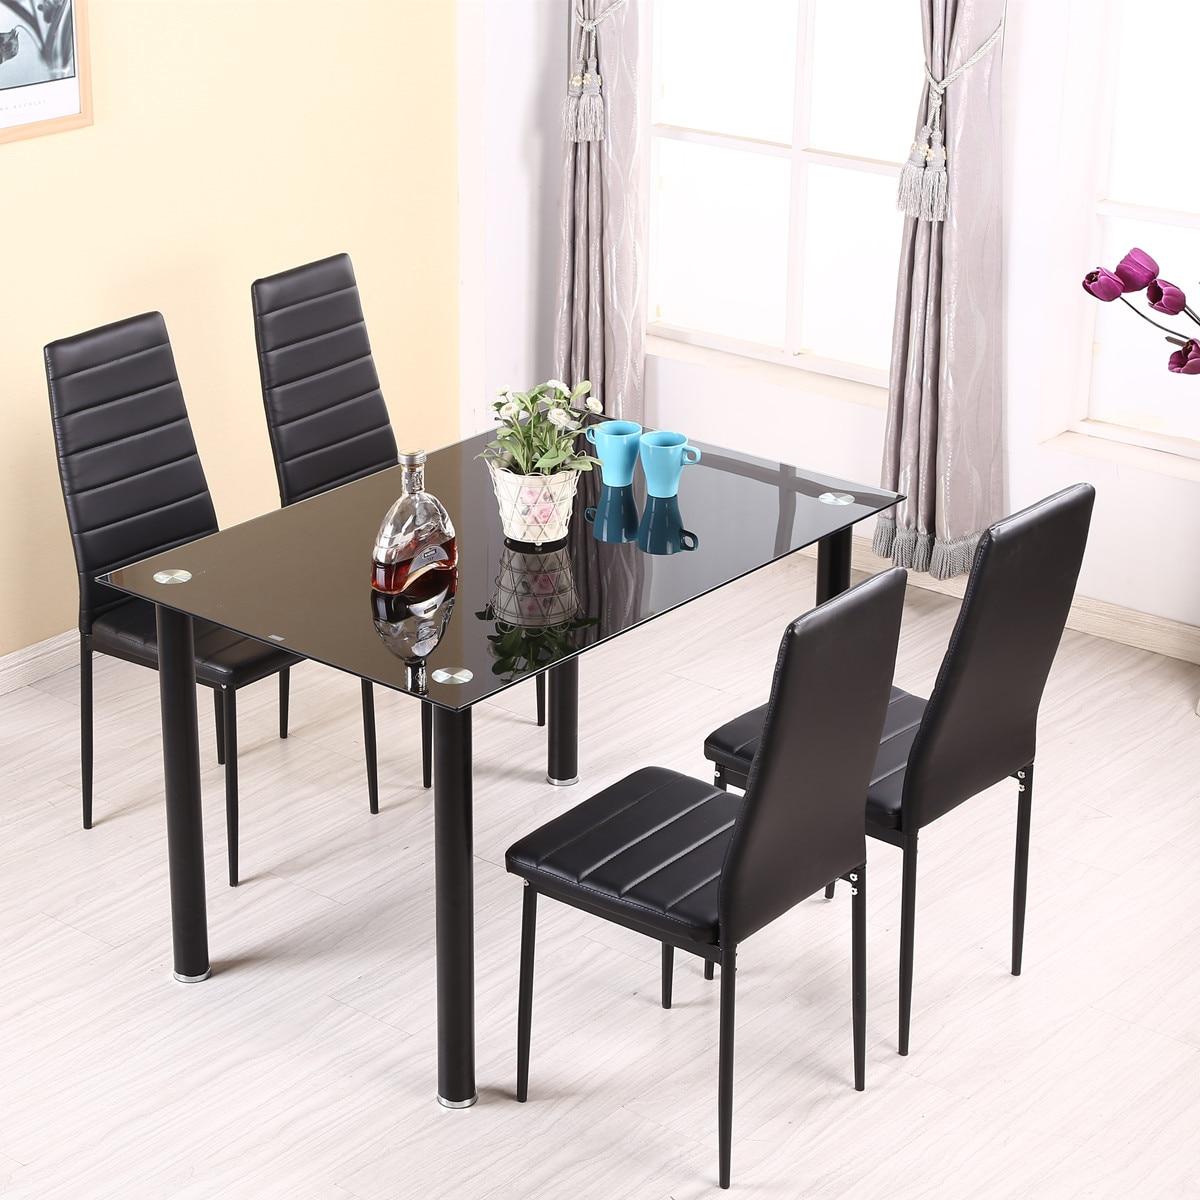 Panana обеденный стол набор с 4/6 шт стулья искусственная кожа высокая металлическая нога стеганое сиденье кухня title=